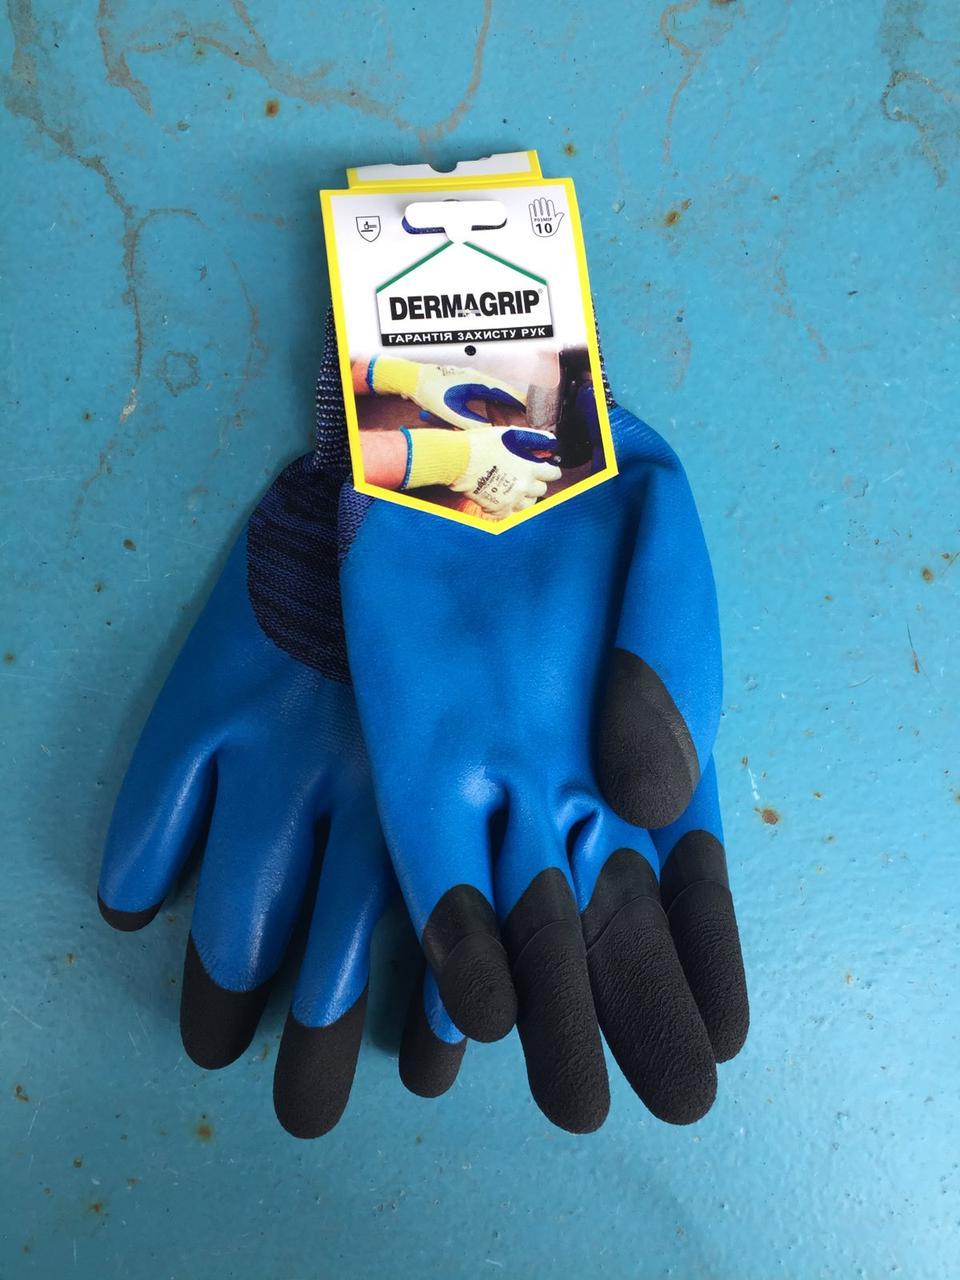 Рукавички Dermagrip стрейч Перчатки Dermagrip стрейч покрытый вспененной резиной синий/черный